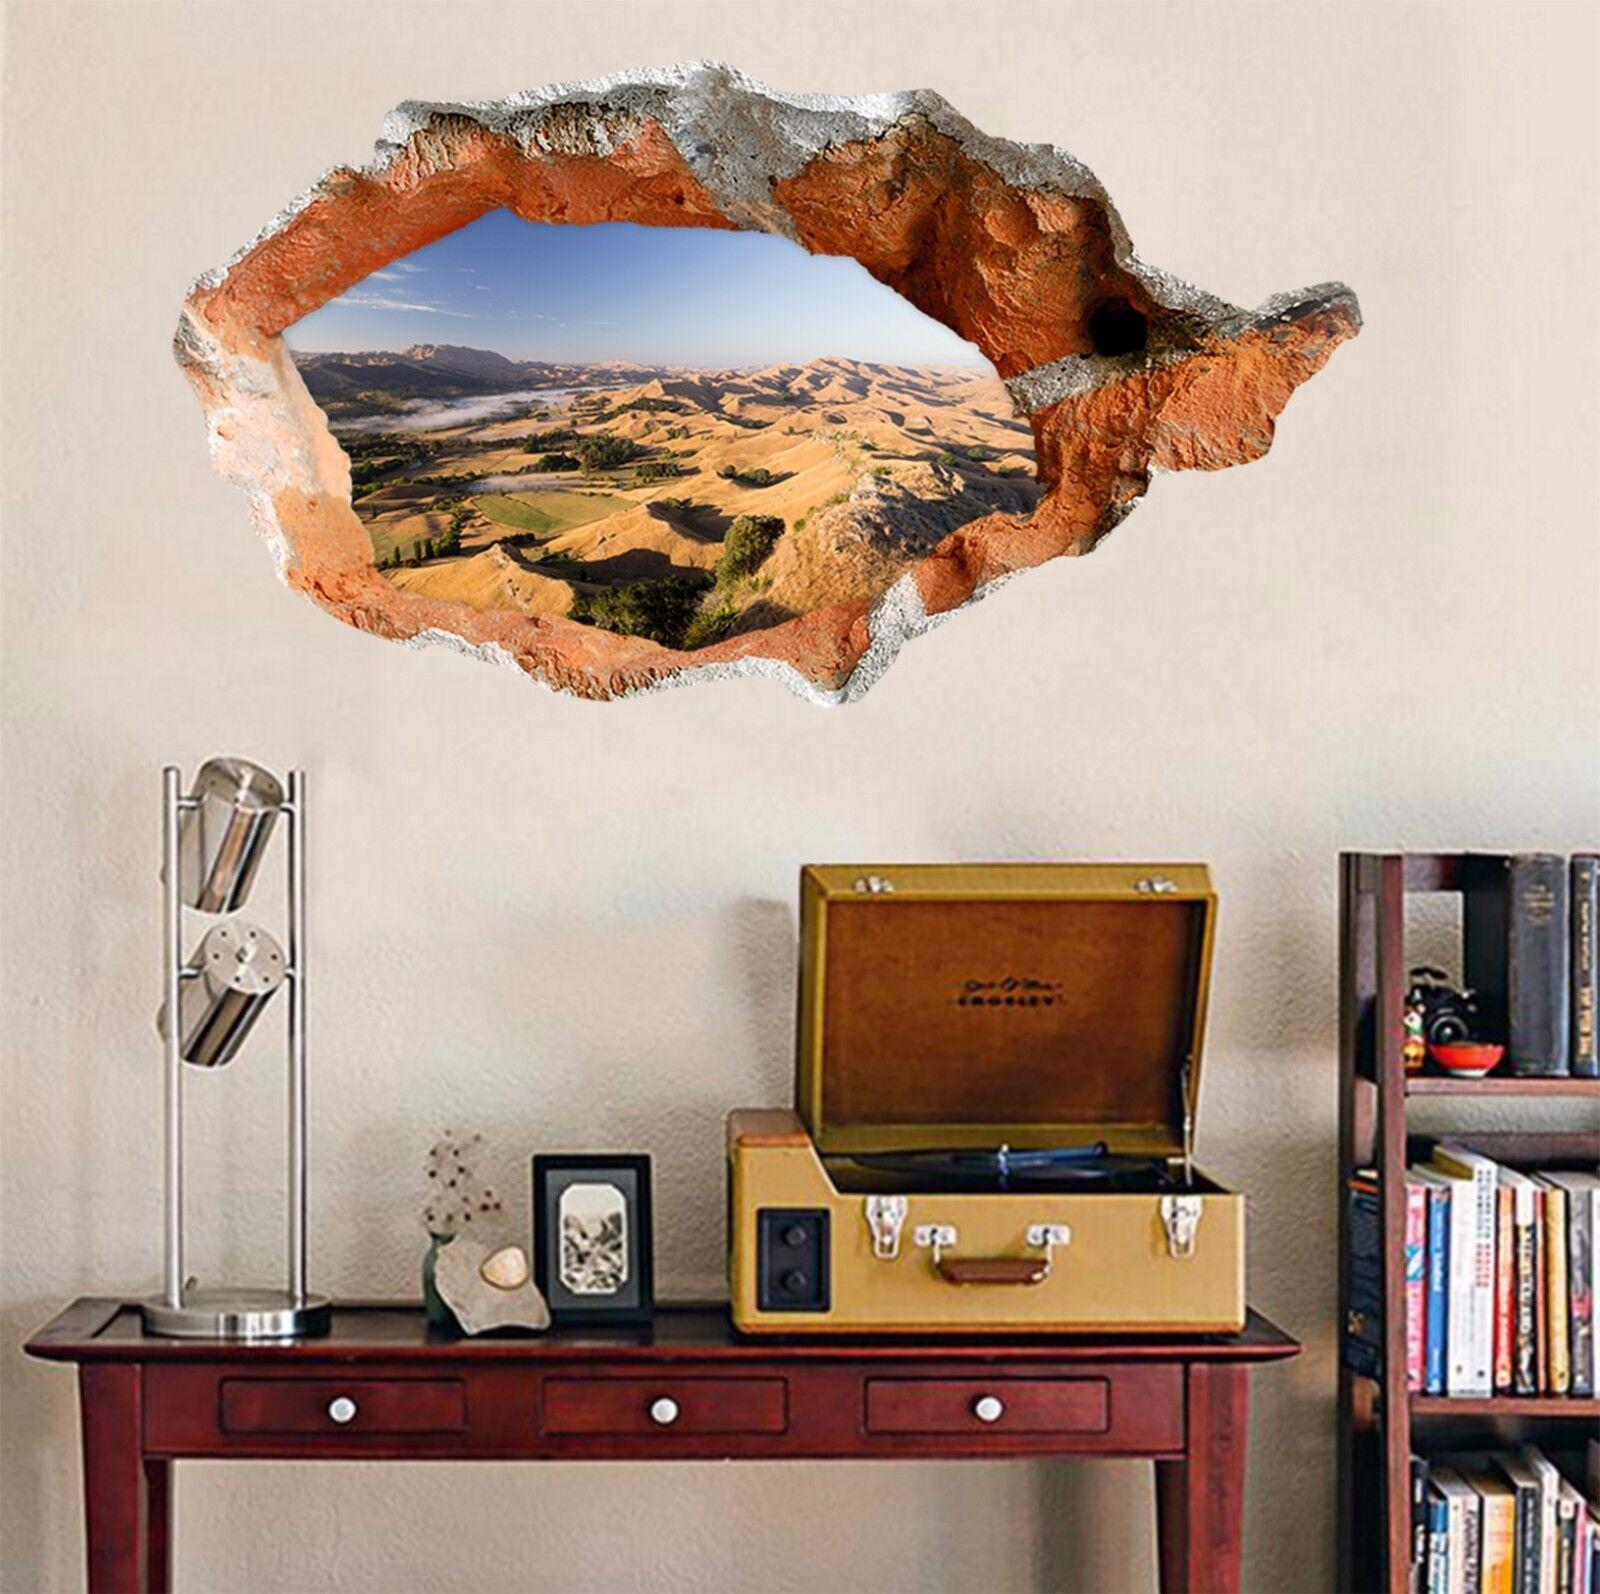 3D Wüste Hüge 8533 lMauer lMauer lMauer Murals Mauer Aufklebe Decal Durchbruch AJ WALLPAPER DE 75e73e